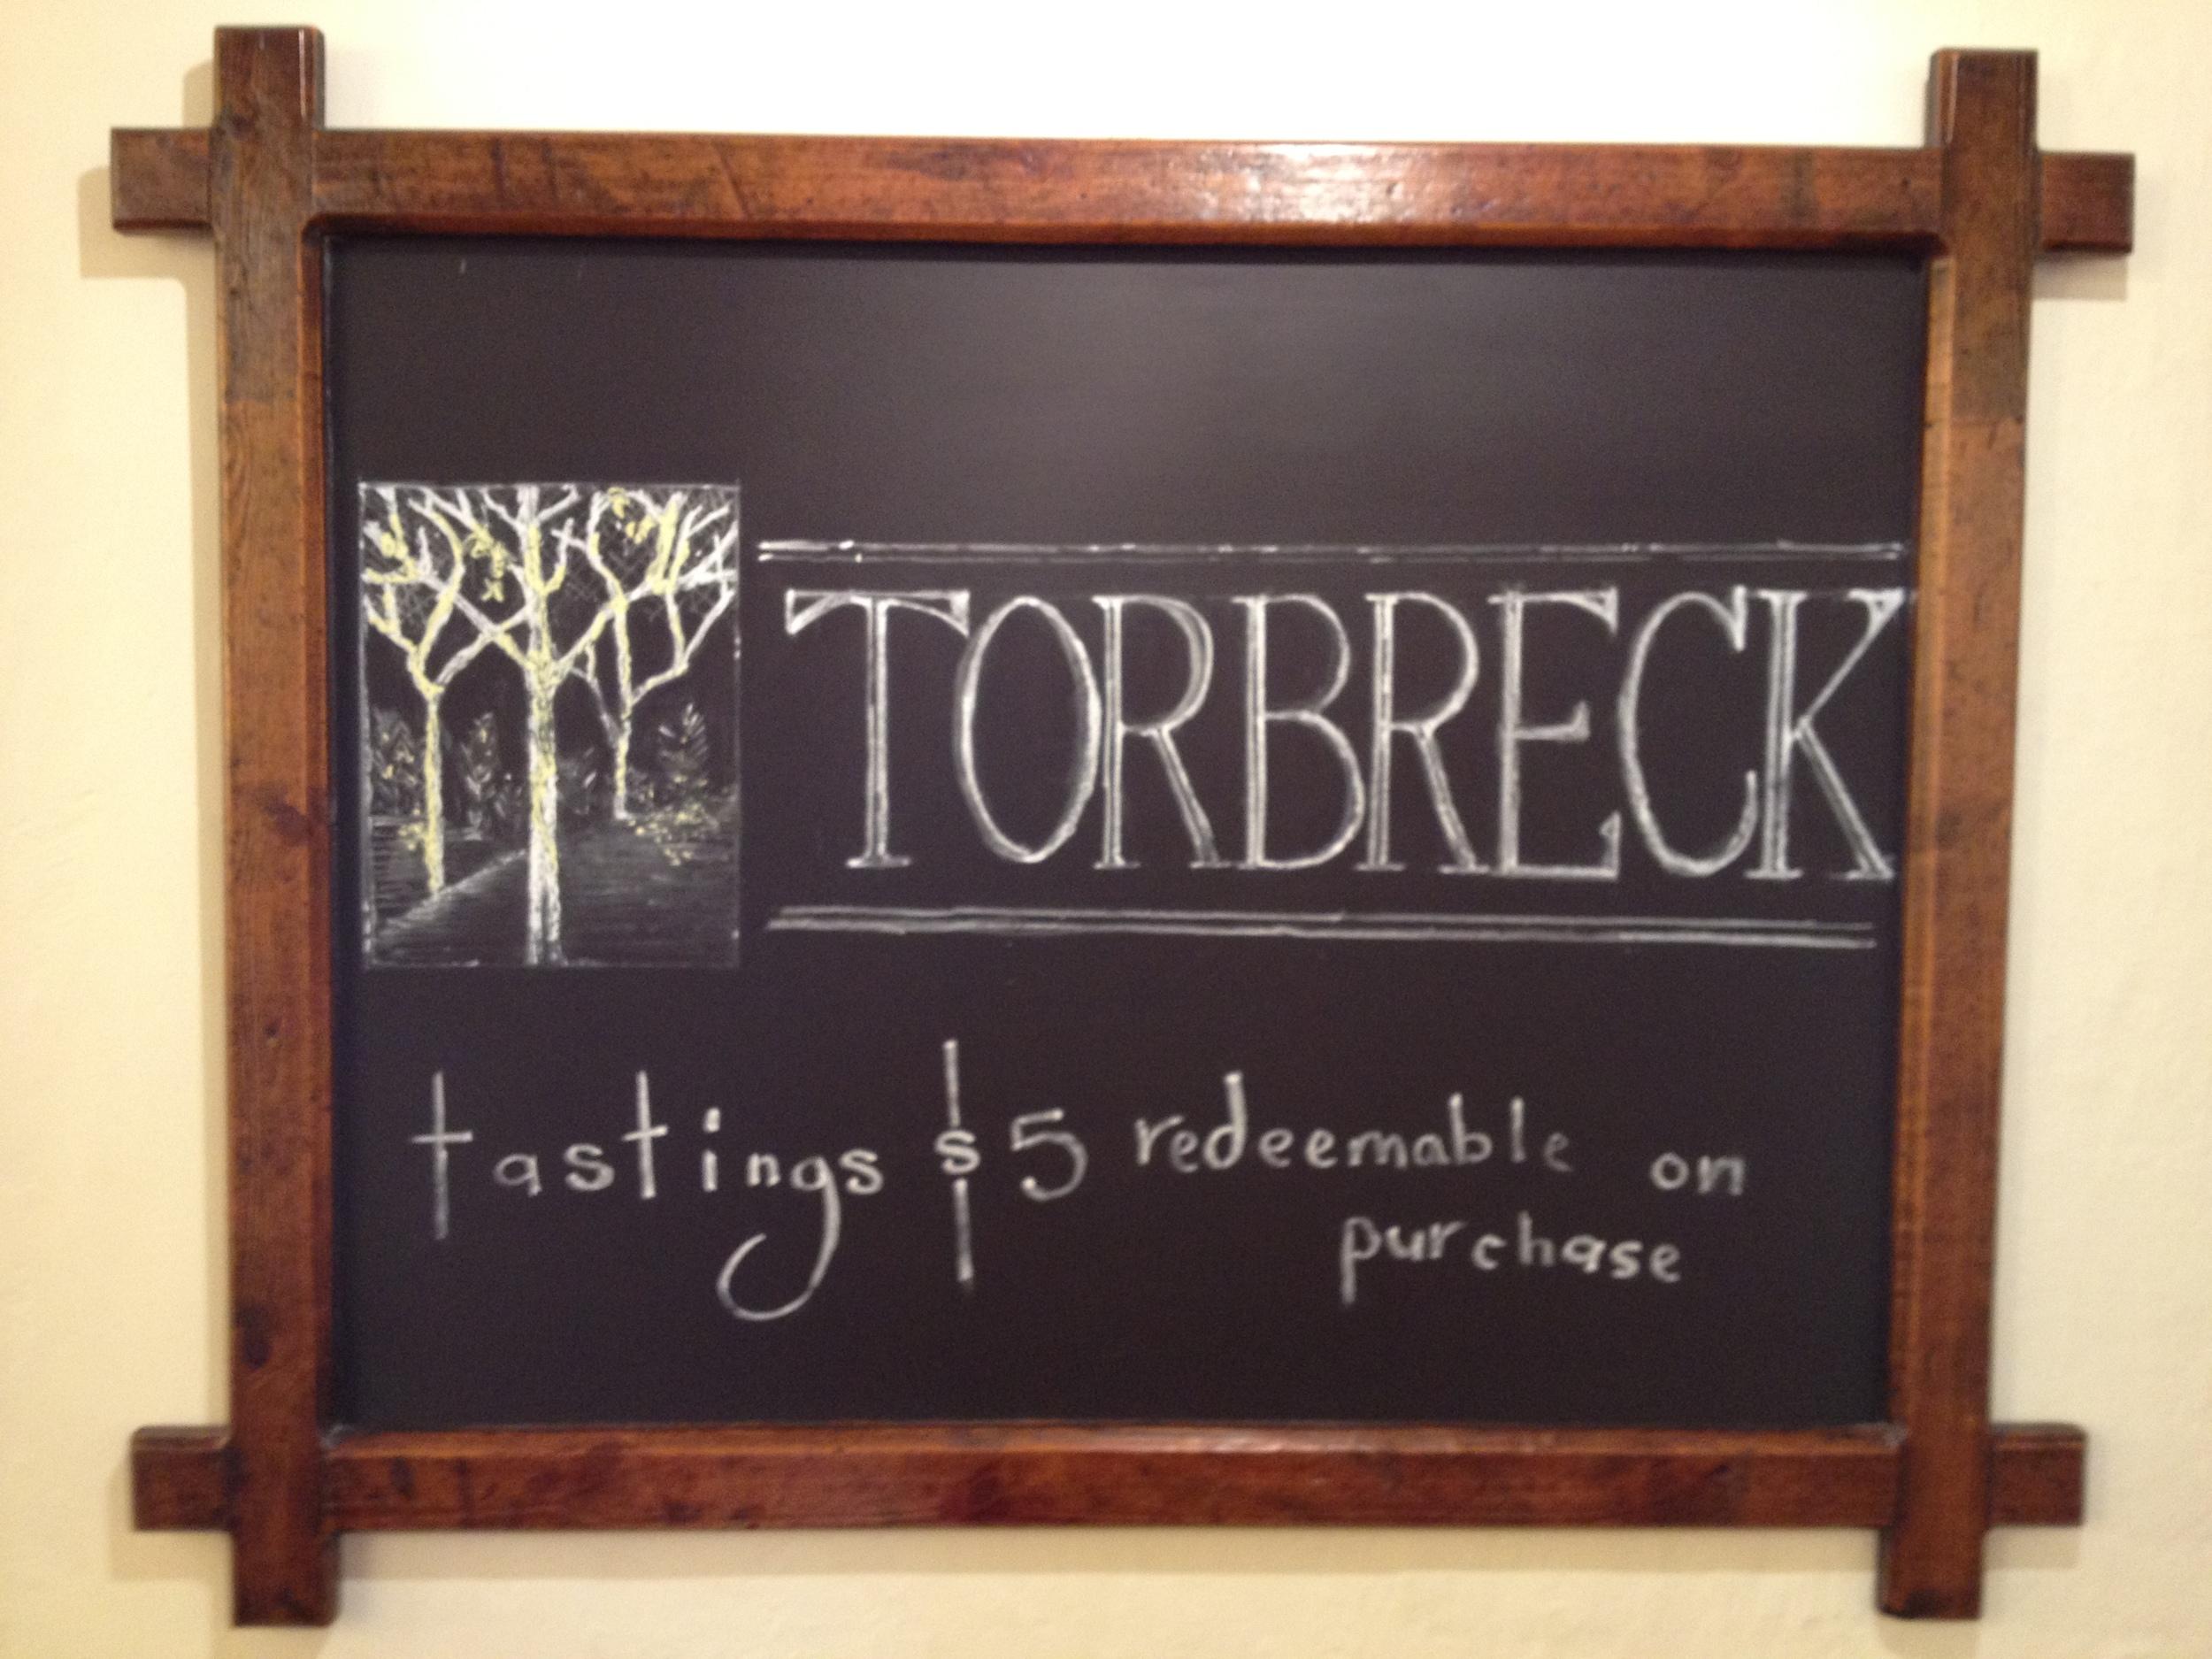 torbrek tastings.JPG